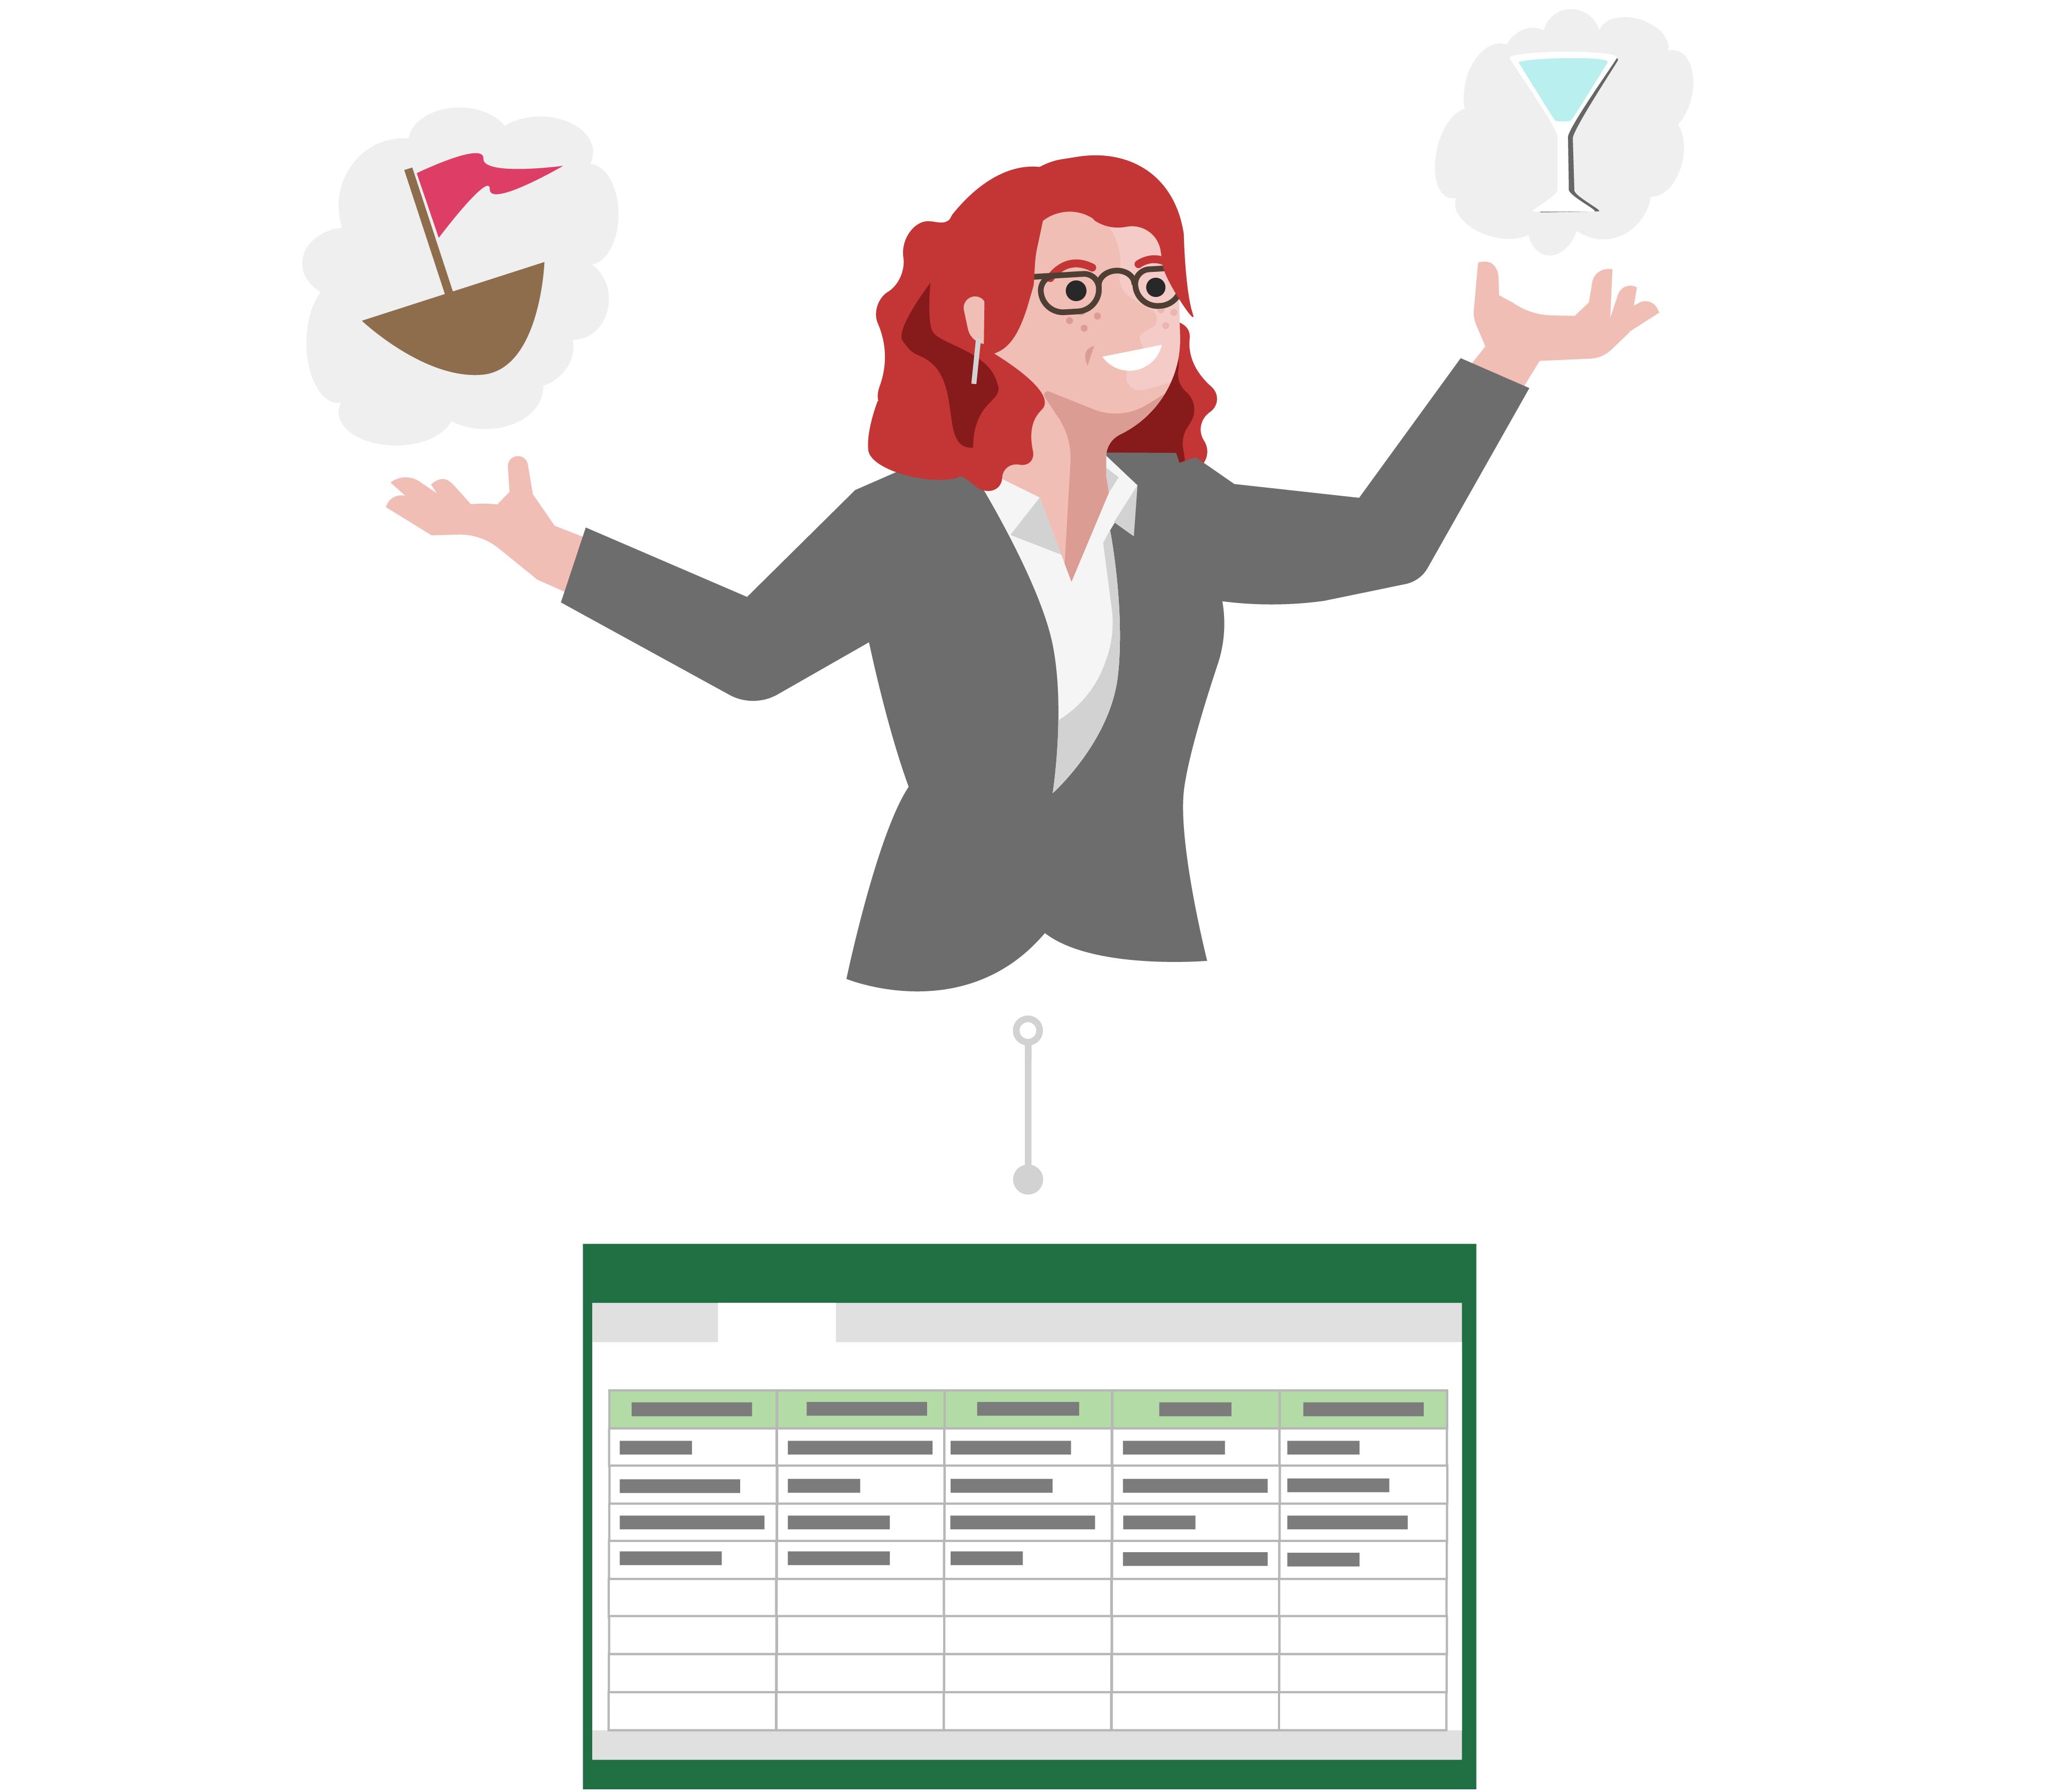 Linda có nhu cầu phản hồi về ý tưởng của cô ấy, vì vậy cô ấy tạo ra một bảng tính và lưu vào điện toán đám mây.